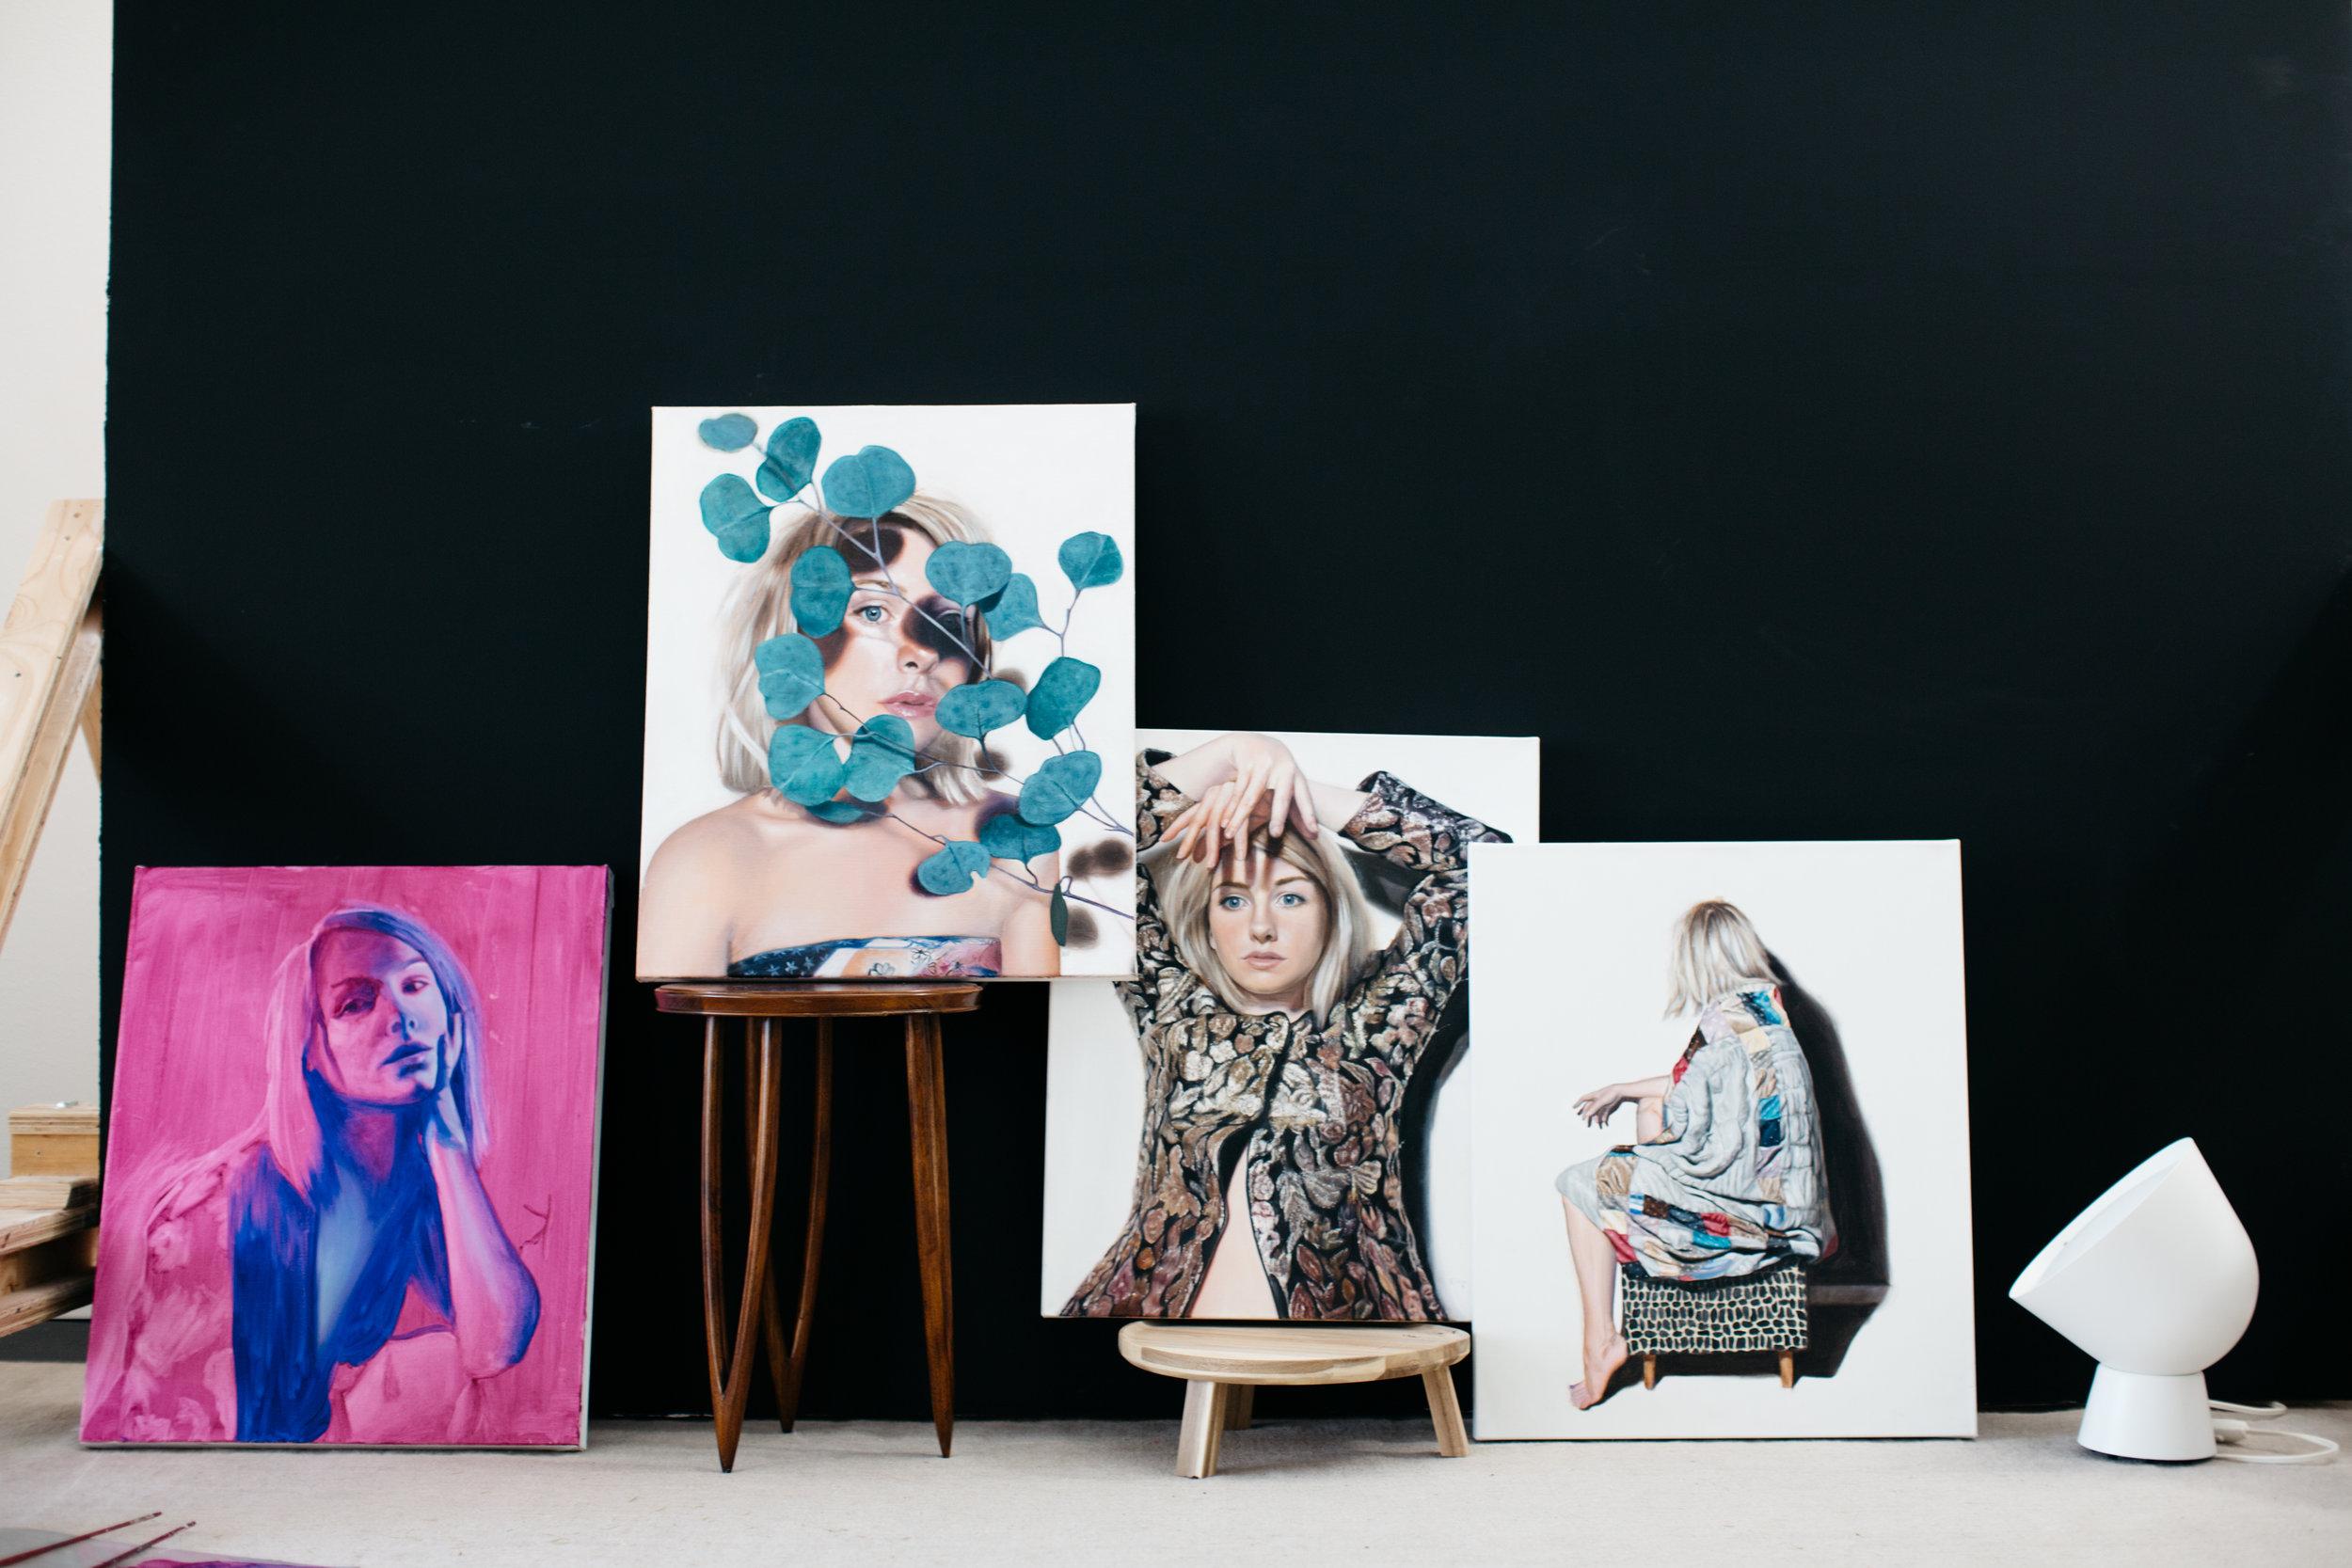 elizabeth-selby-artwork-theepsstudio-20.jpg